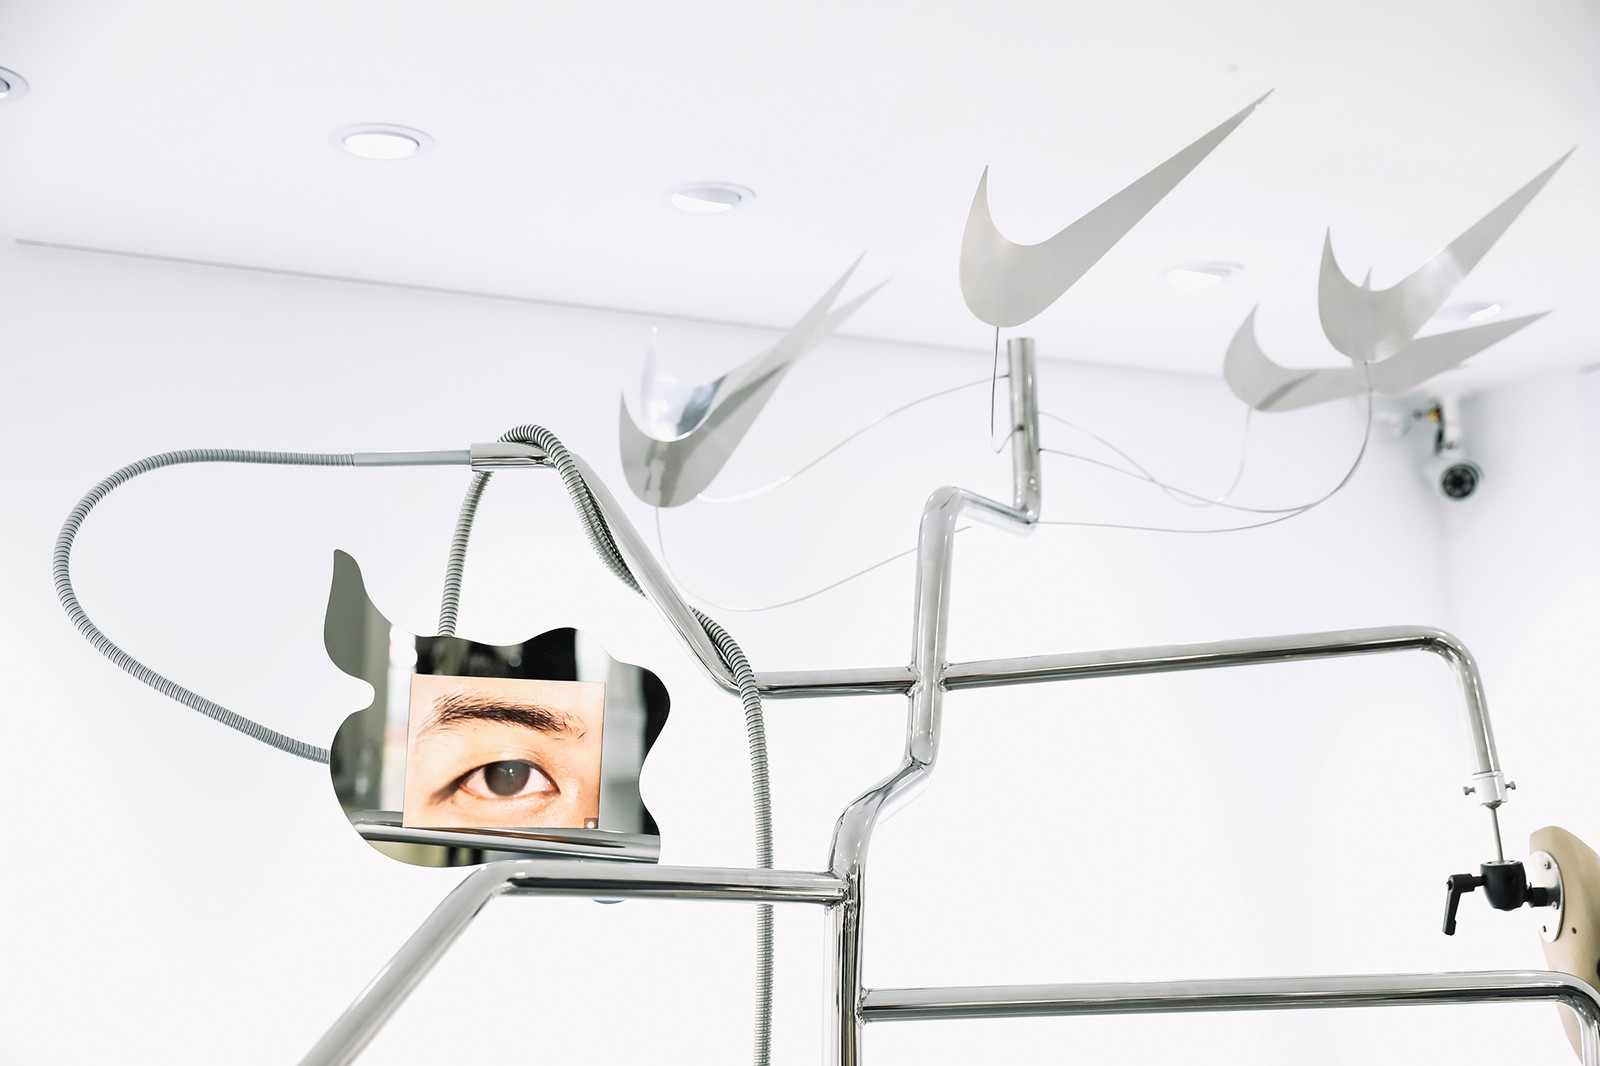 無法定義的裝置藝術 JOHN YUYI 與王信凱為 Air Max 270 React 之共同創作